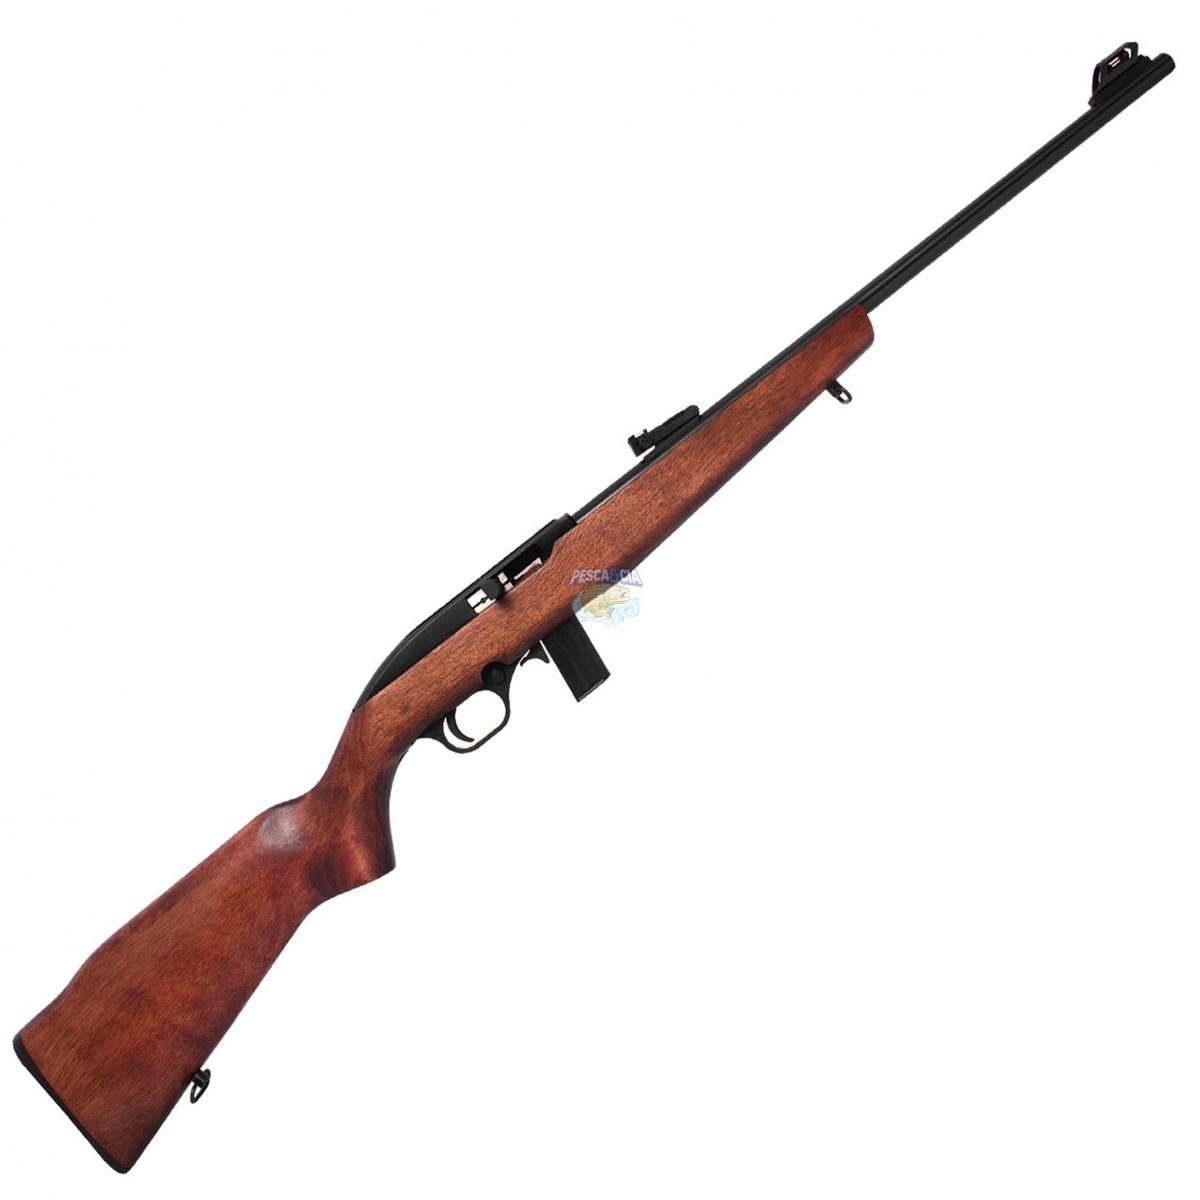 """Rifle CBC 7022 Cal. 22LR Semi-Automatico Luxo 10 Tiros - Cano 21"""" + **LUNETA BRINDE**"""